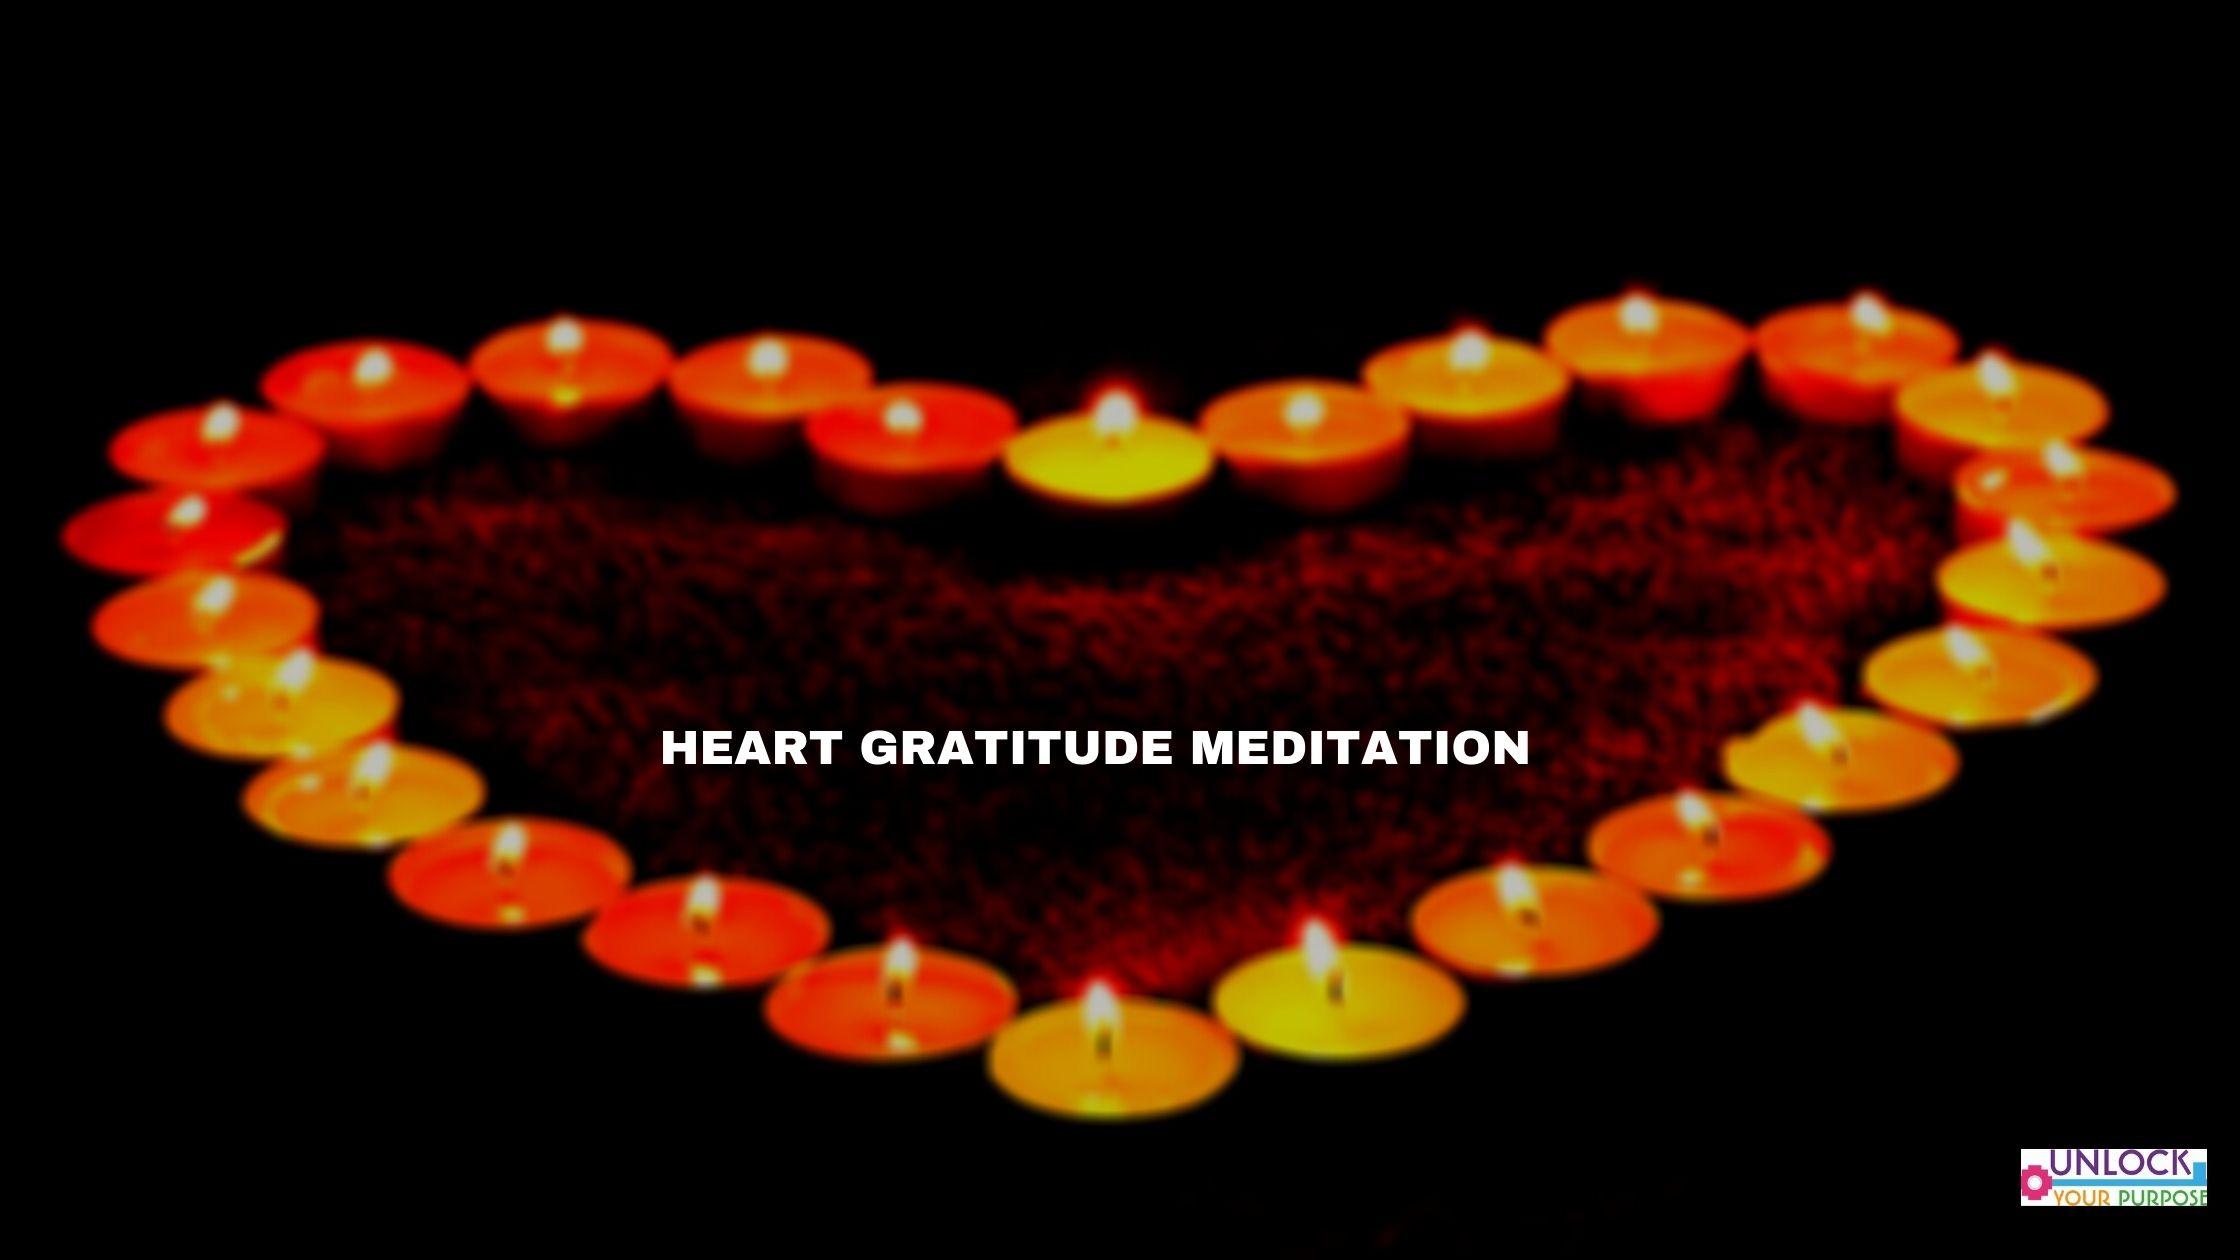 Heart Gratitude Meditation to bring more Joy, Peace and Harmony -